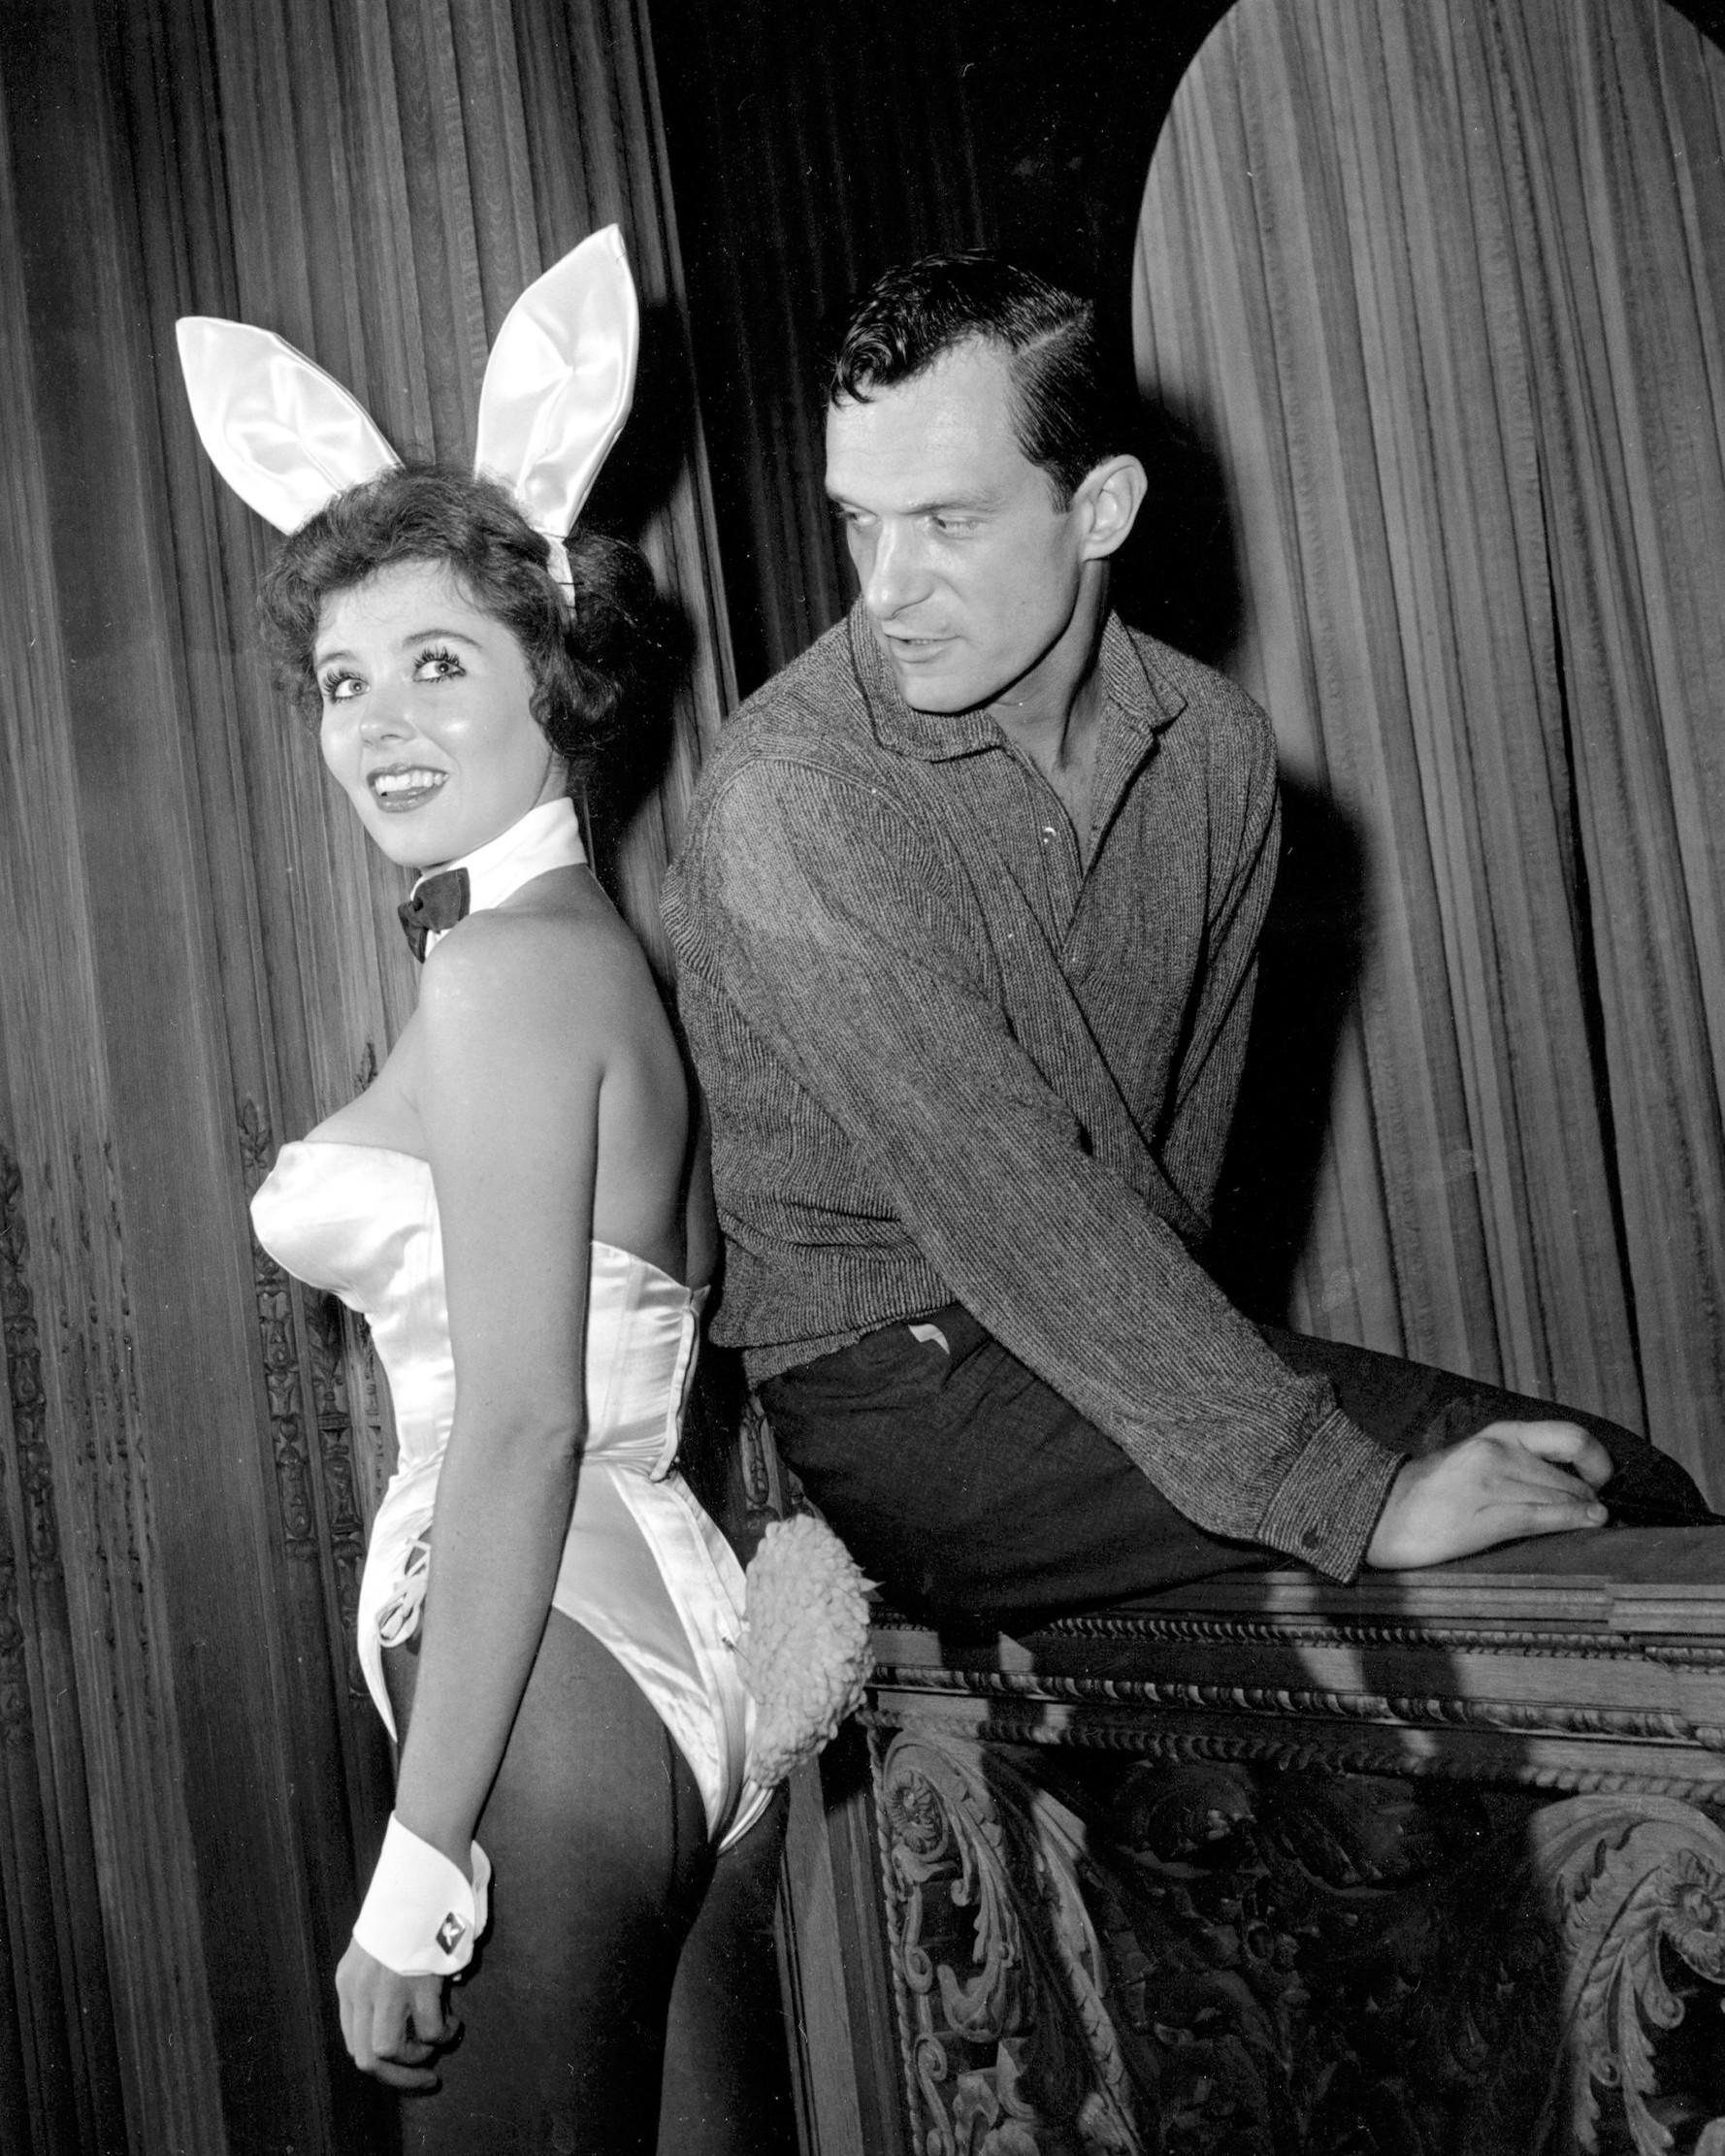 Hugh Hefner berpose dengan seorang wanita di klub malam Hefner, Chicago, pada 20 Juni 1961. Sebelum mendirikan Playboy, Hefner bergabung menjadi tentara dan bekerja sebagai penulis surat kabar militer AS selama dua tahun. (AP Photo/Edward s. Kitch)